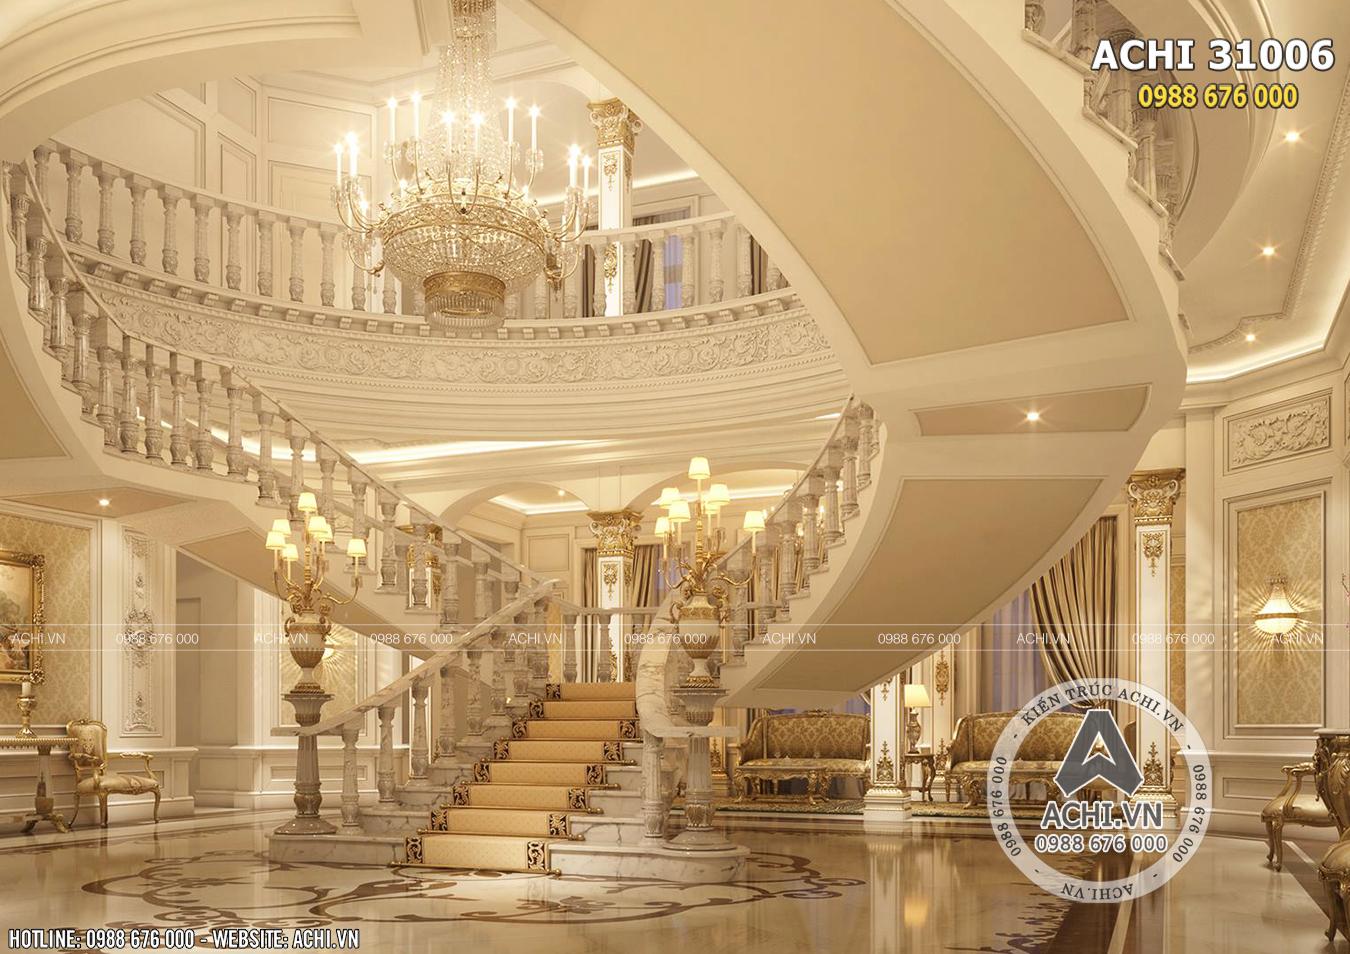 Hệ thống cầu thang lên tầng tân cổ điển sang trọng